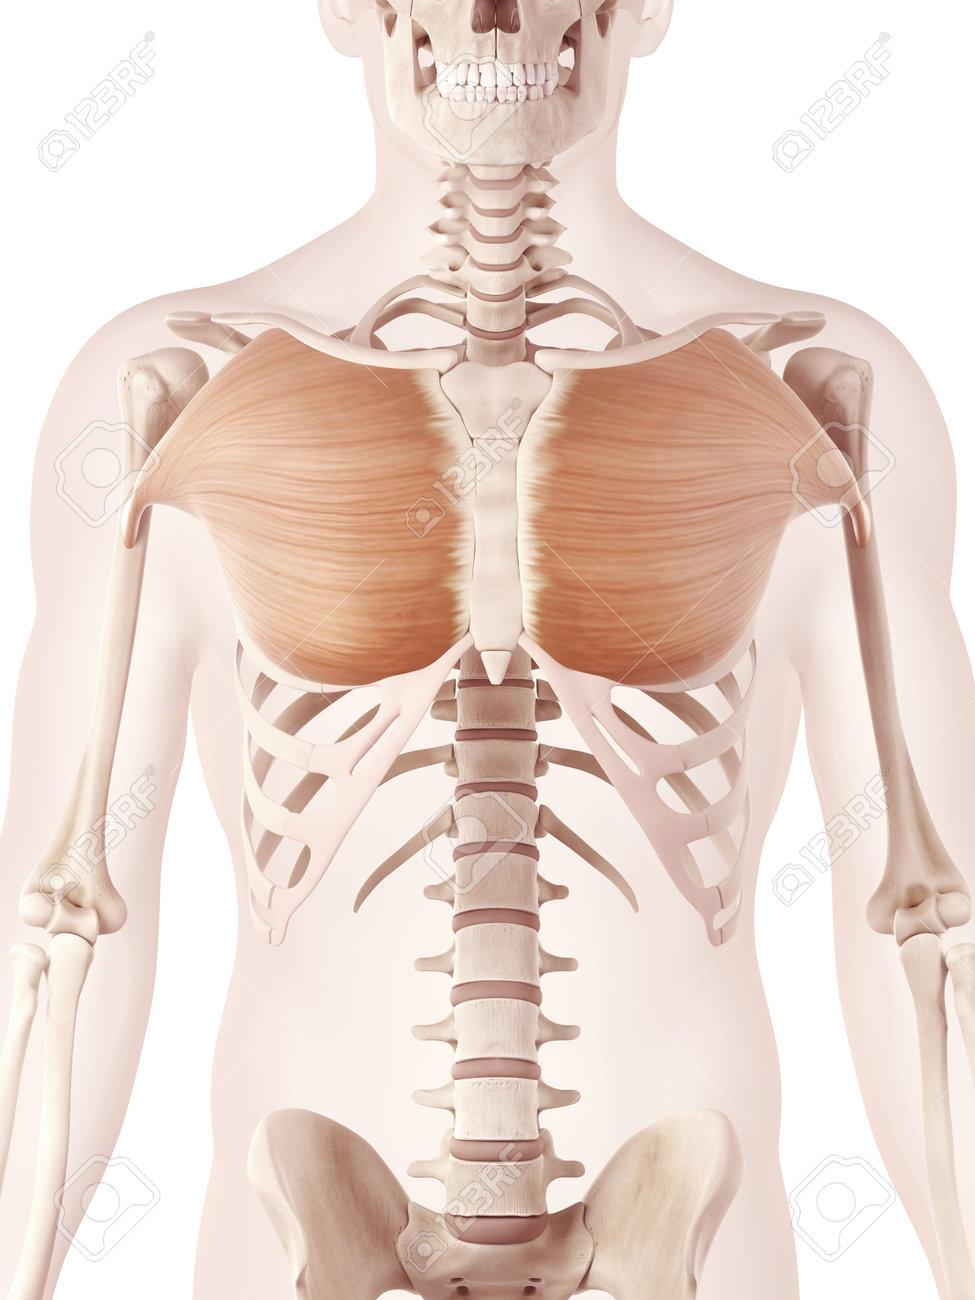 解剖学イラスト表示大胸筋 の写真素材画像素材 Image 27227875